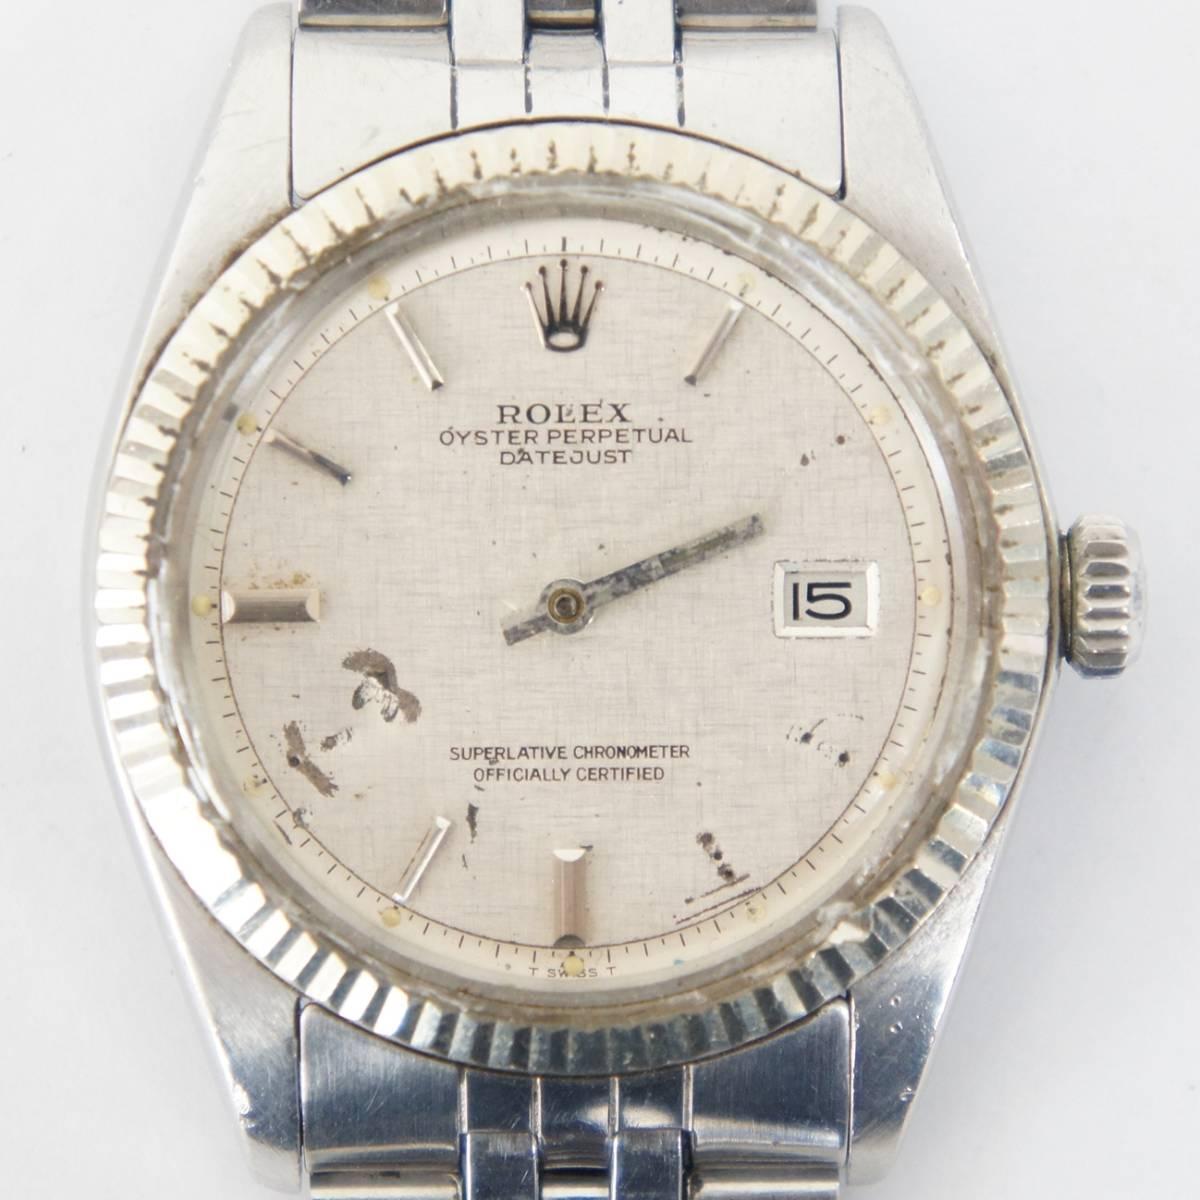 ROLEX ロレックス オイスターパーペチュアル DATEJUST デイトジャスト Ref:1601 メンズ 自動巻き 腕時計 040617